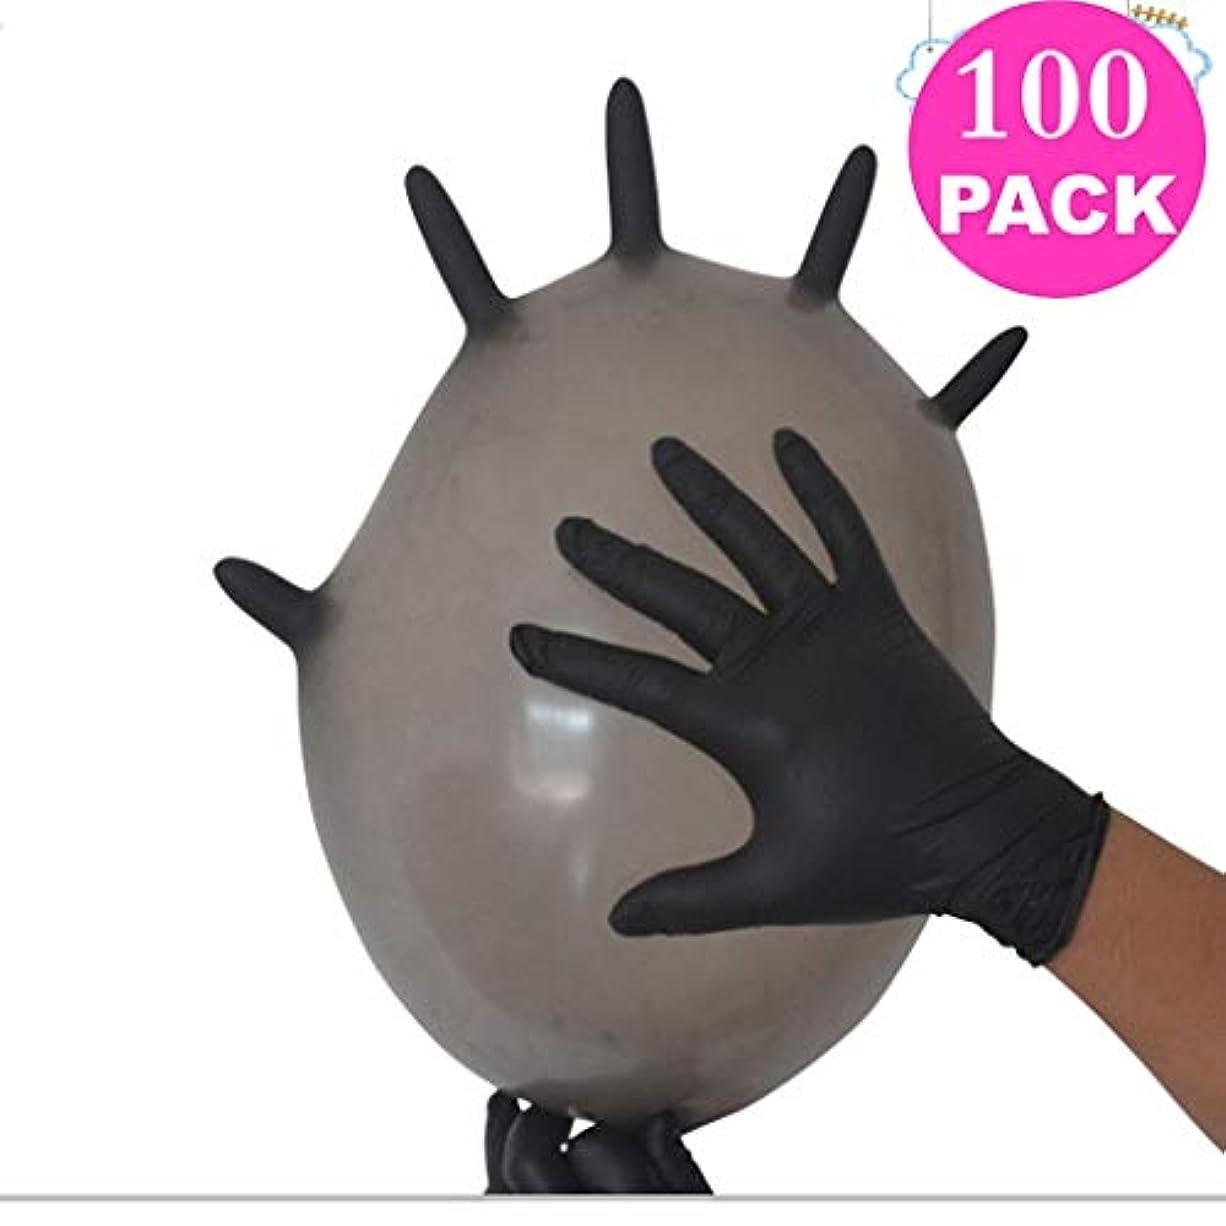 コミットメント創傷ライトニング1パック使い捨て手袋ニトリルケータリング耐油試験用ラテックス外科gloves100 (Color : Black, Size : L)